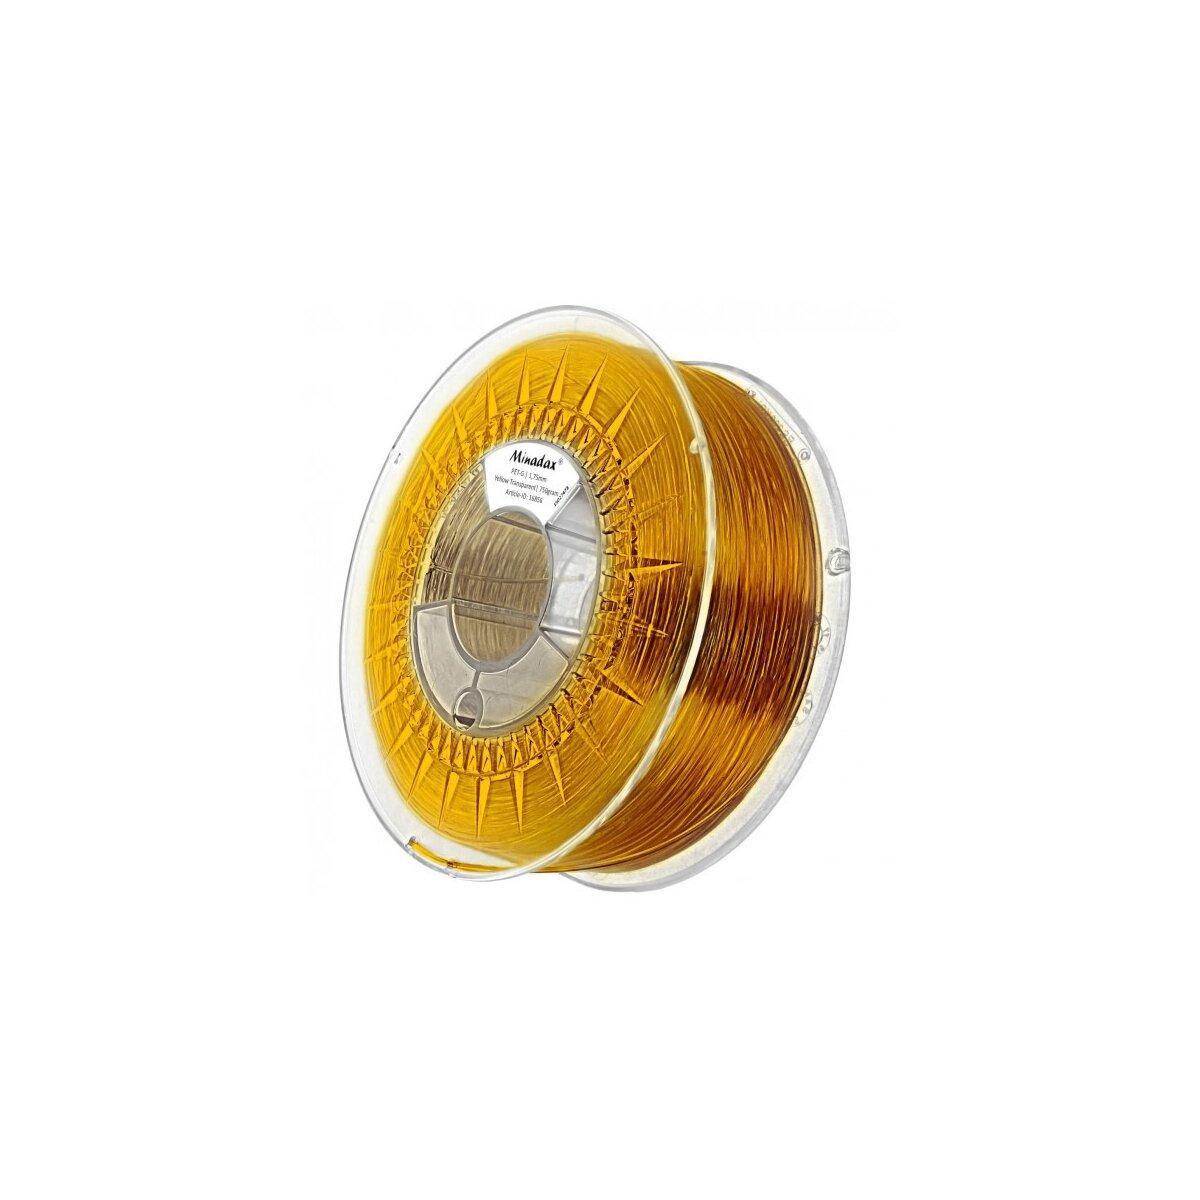 Minadax® 0,75kg Premium Qualitaet 1,75mm PET-G Filament gelb transparent fuer 3D-Drucker hergestellt in Europa